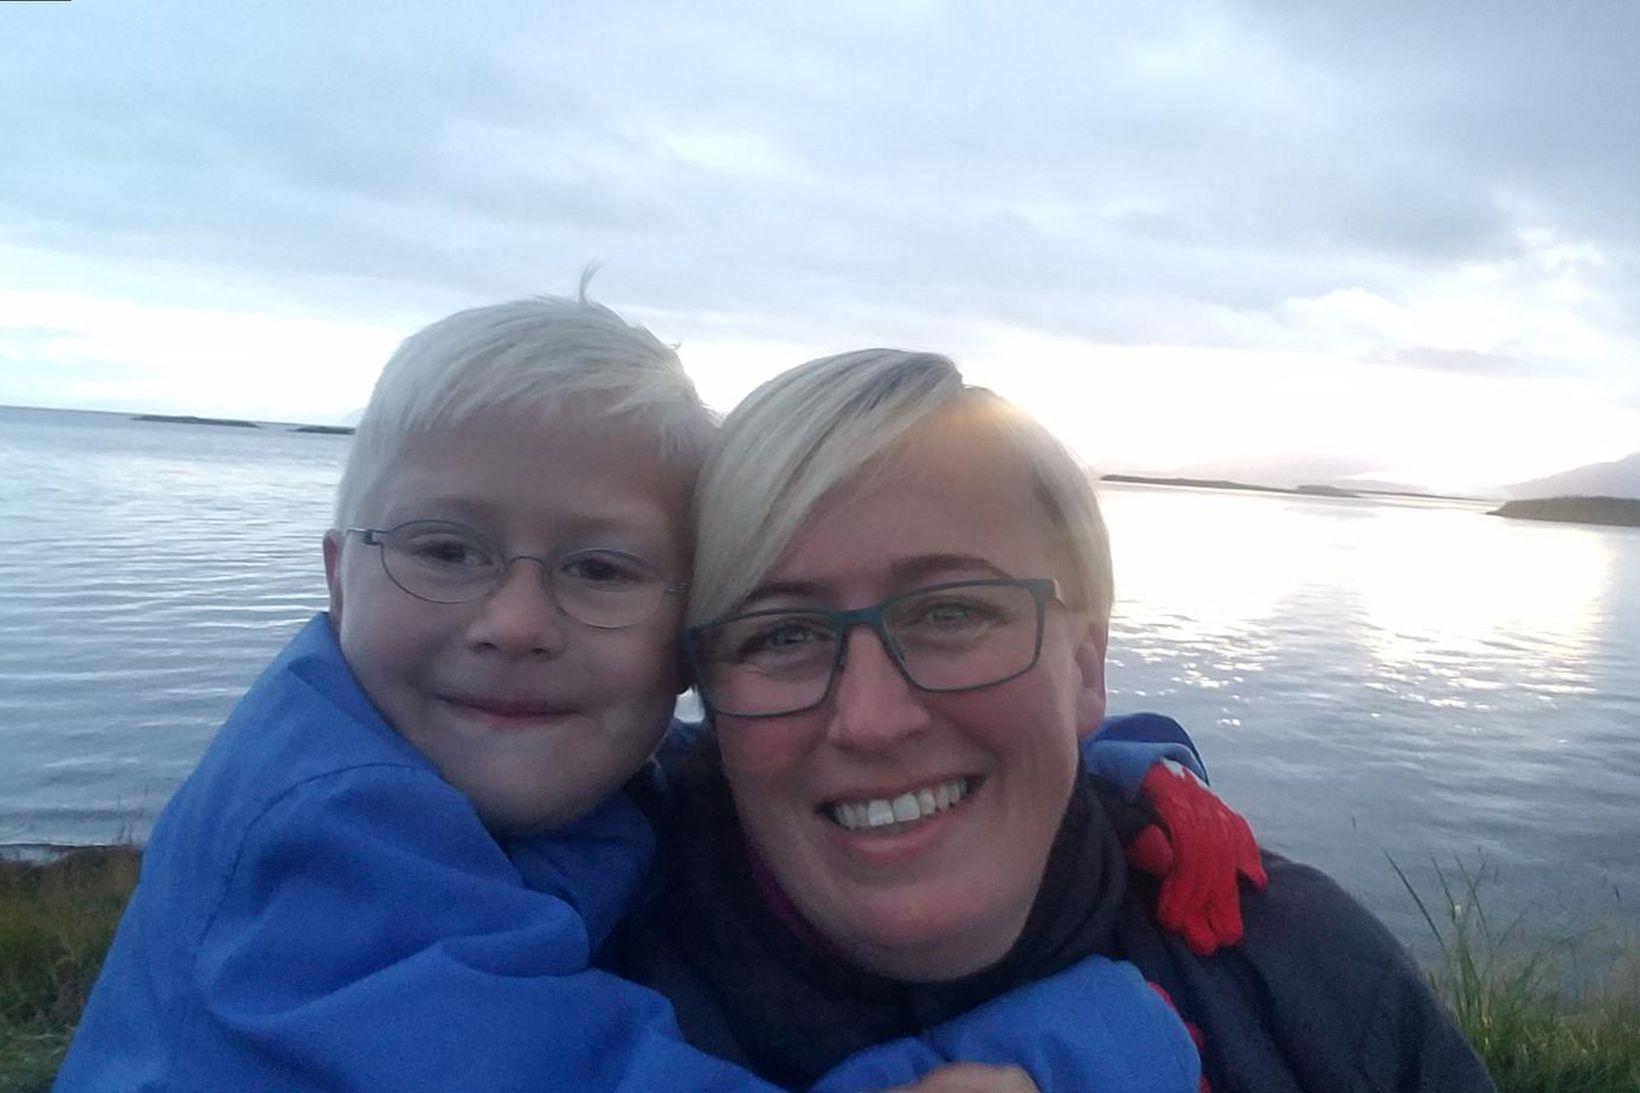 Ægir Þór Sævarsson og móðir hans, Hulda Björk Svansdóttir. Ægir …